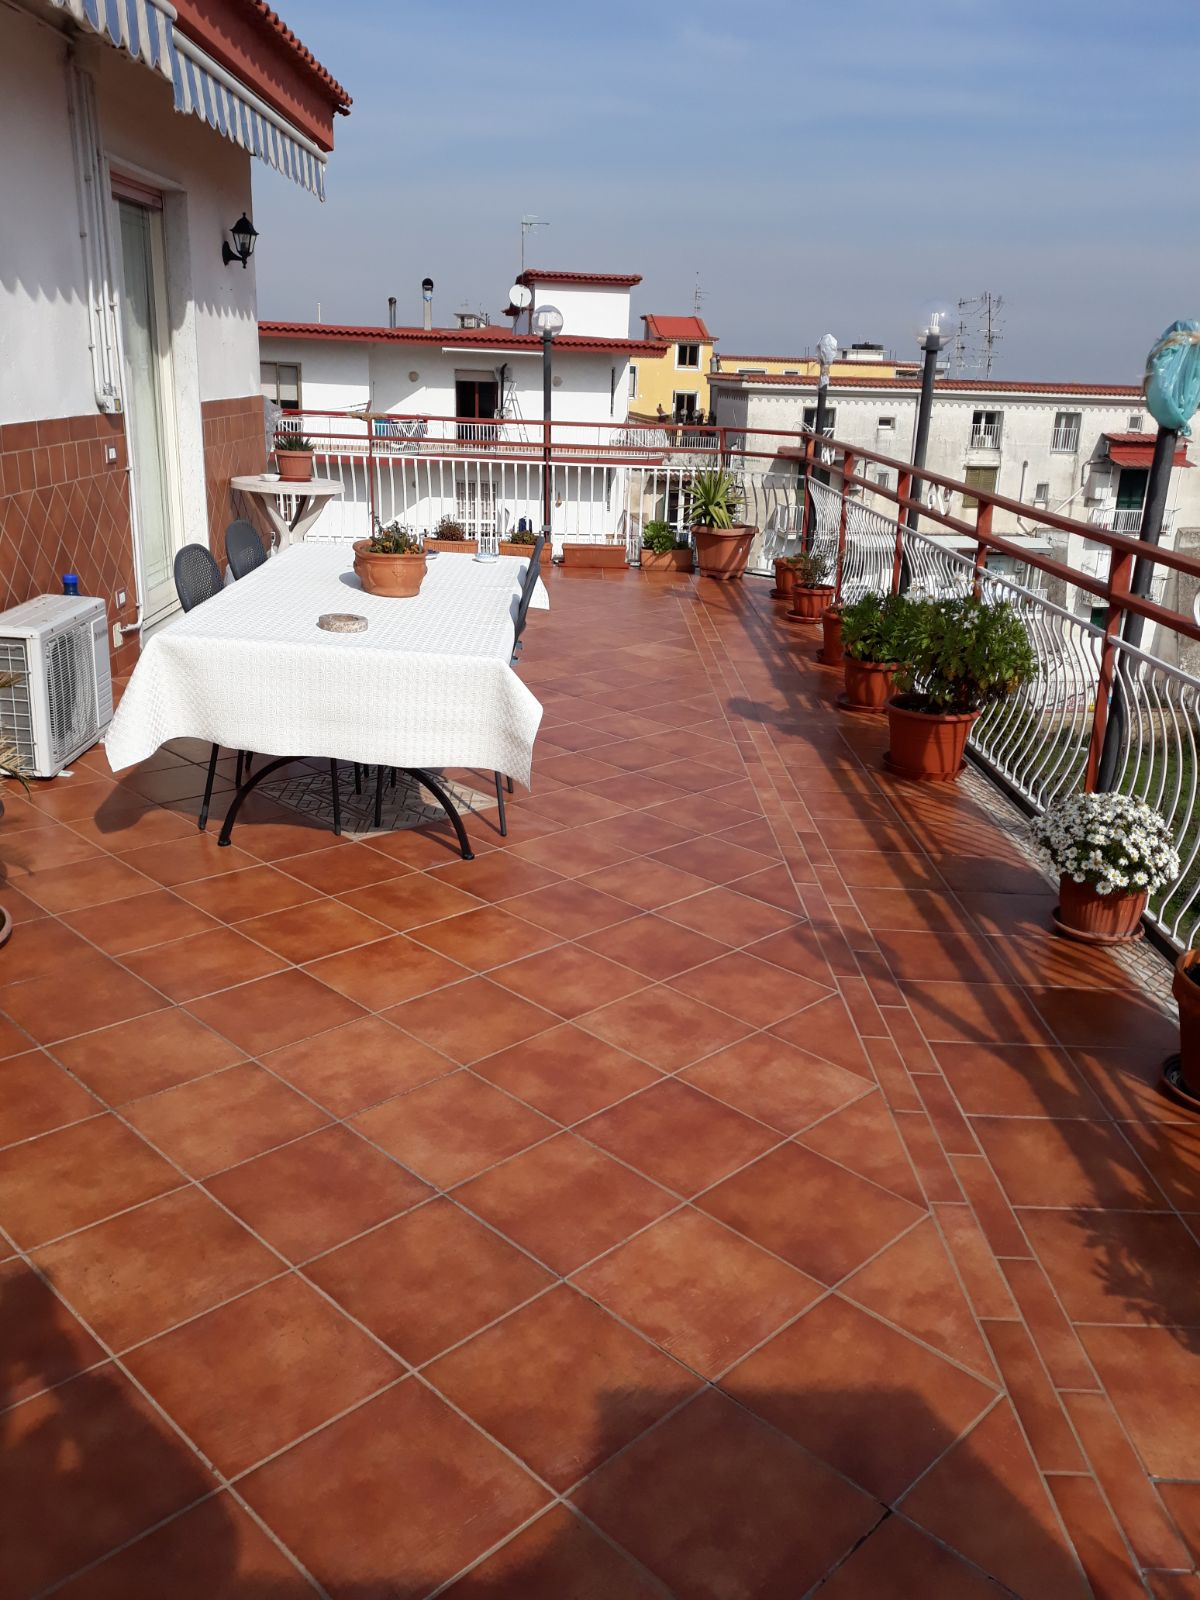 Immobili A Napoli Quartiere Zona Ospedaliera Attico 5 Vani